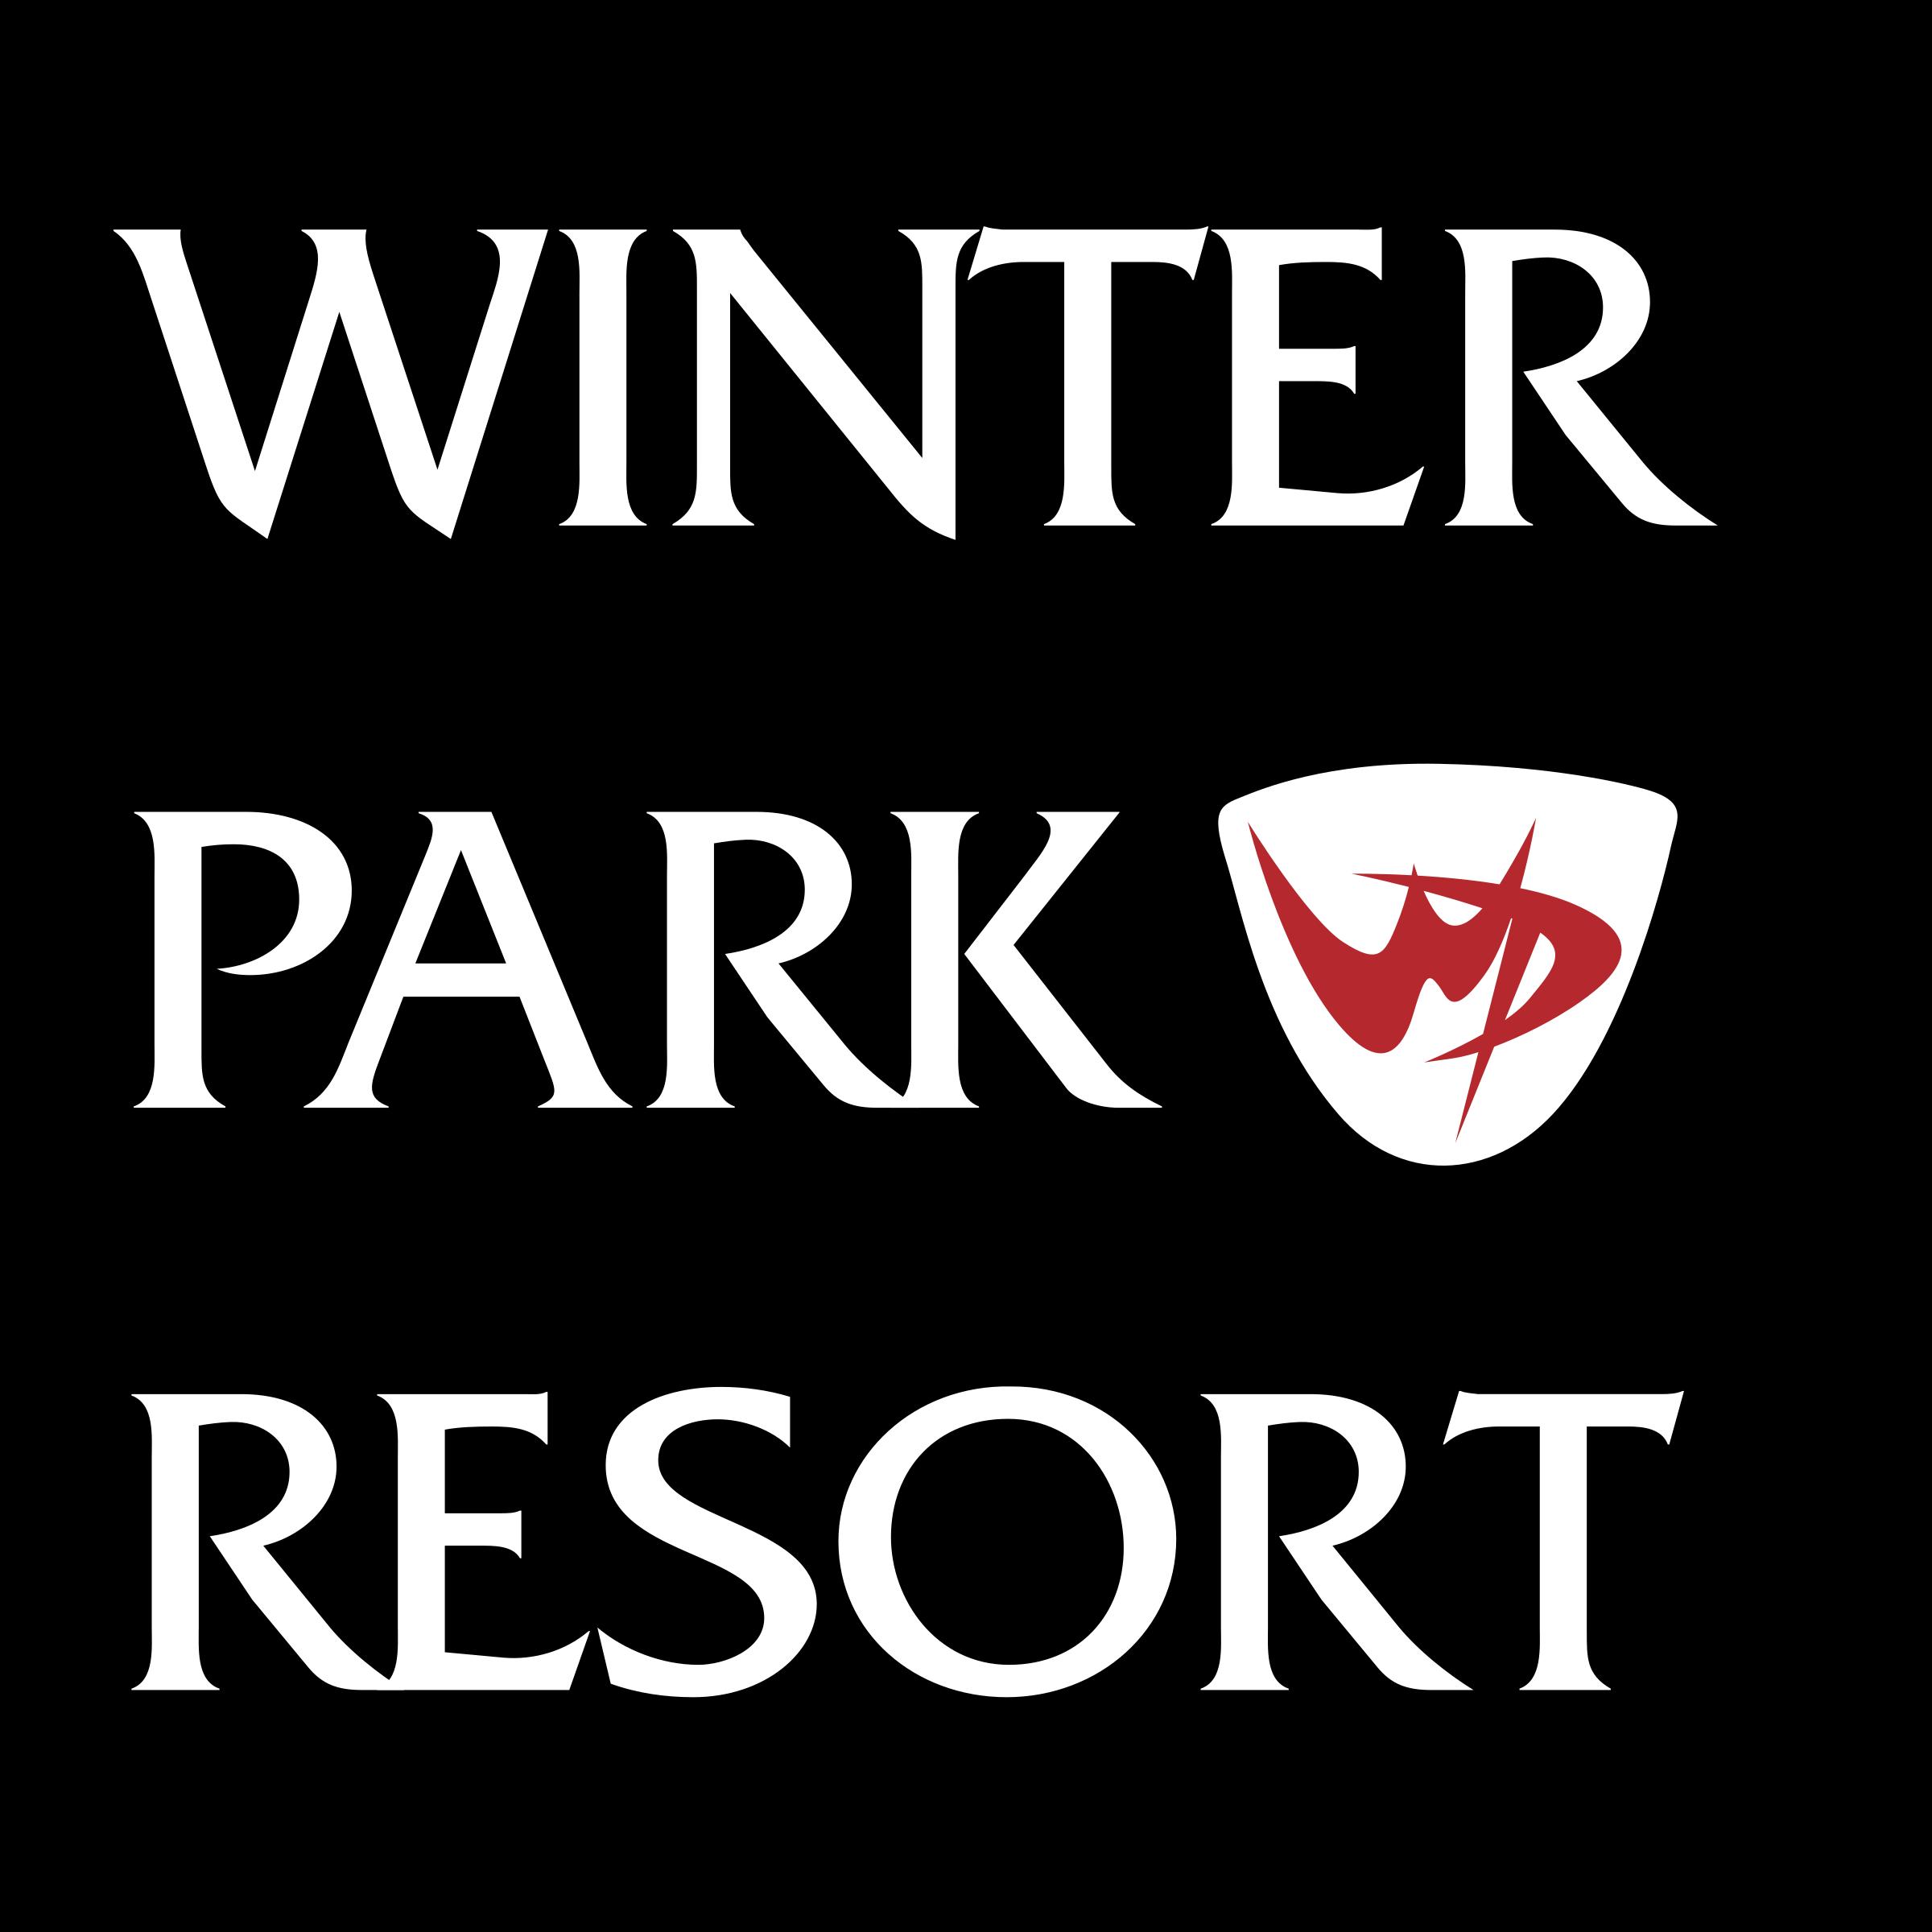 Winter Park Resort Logo PNG Transparent & SVG Vector.